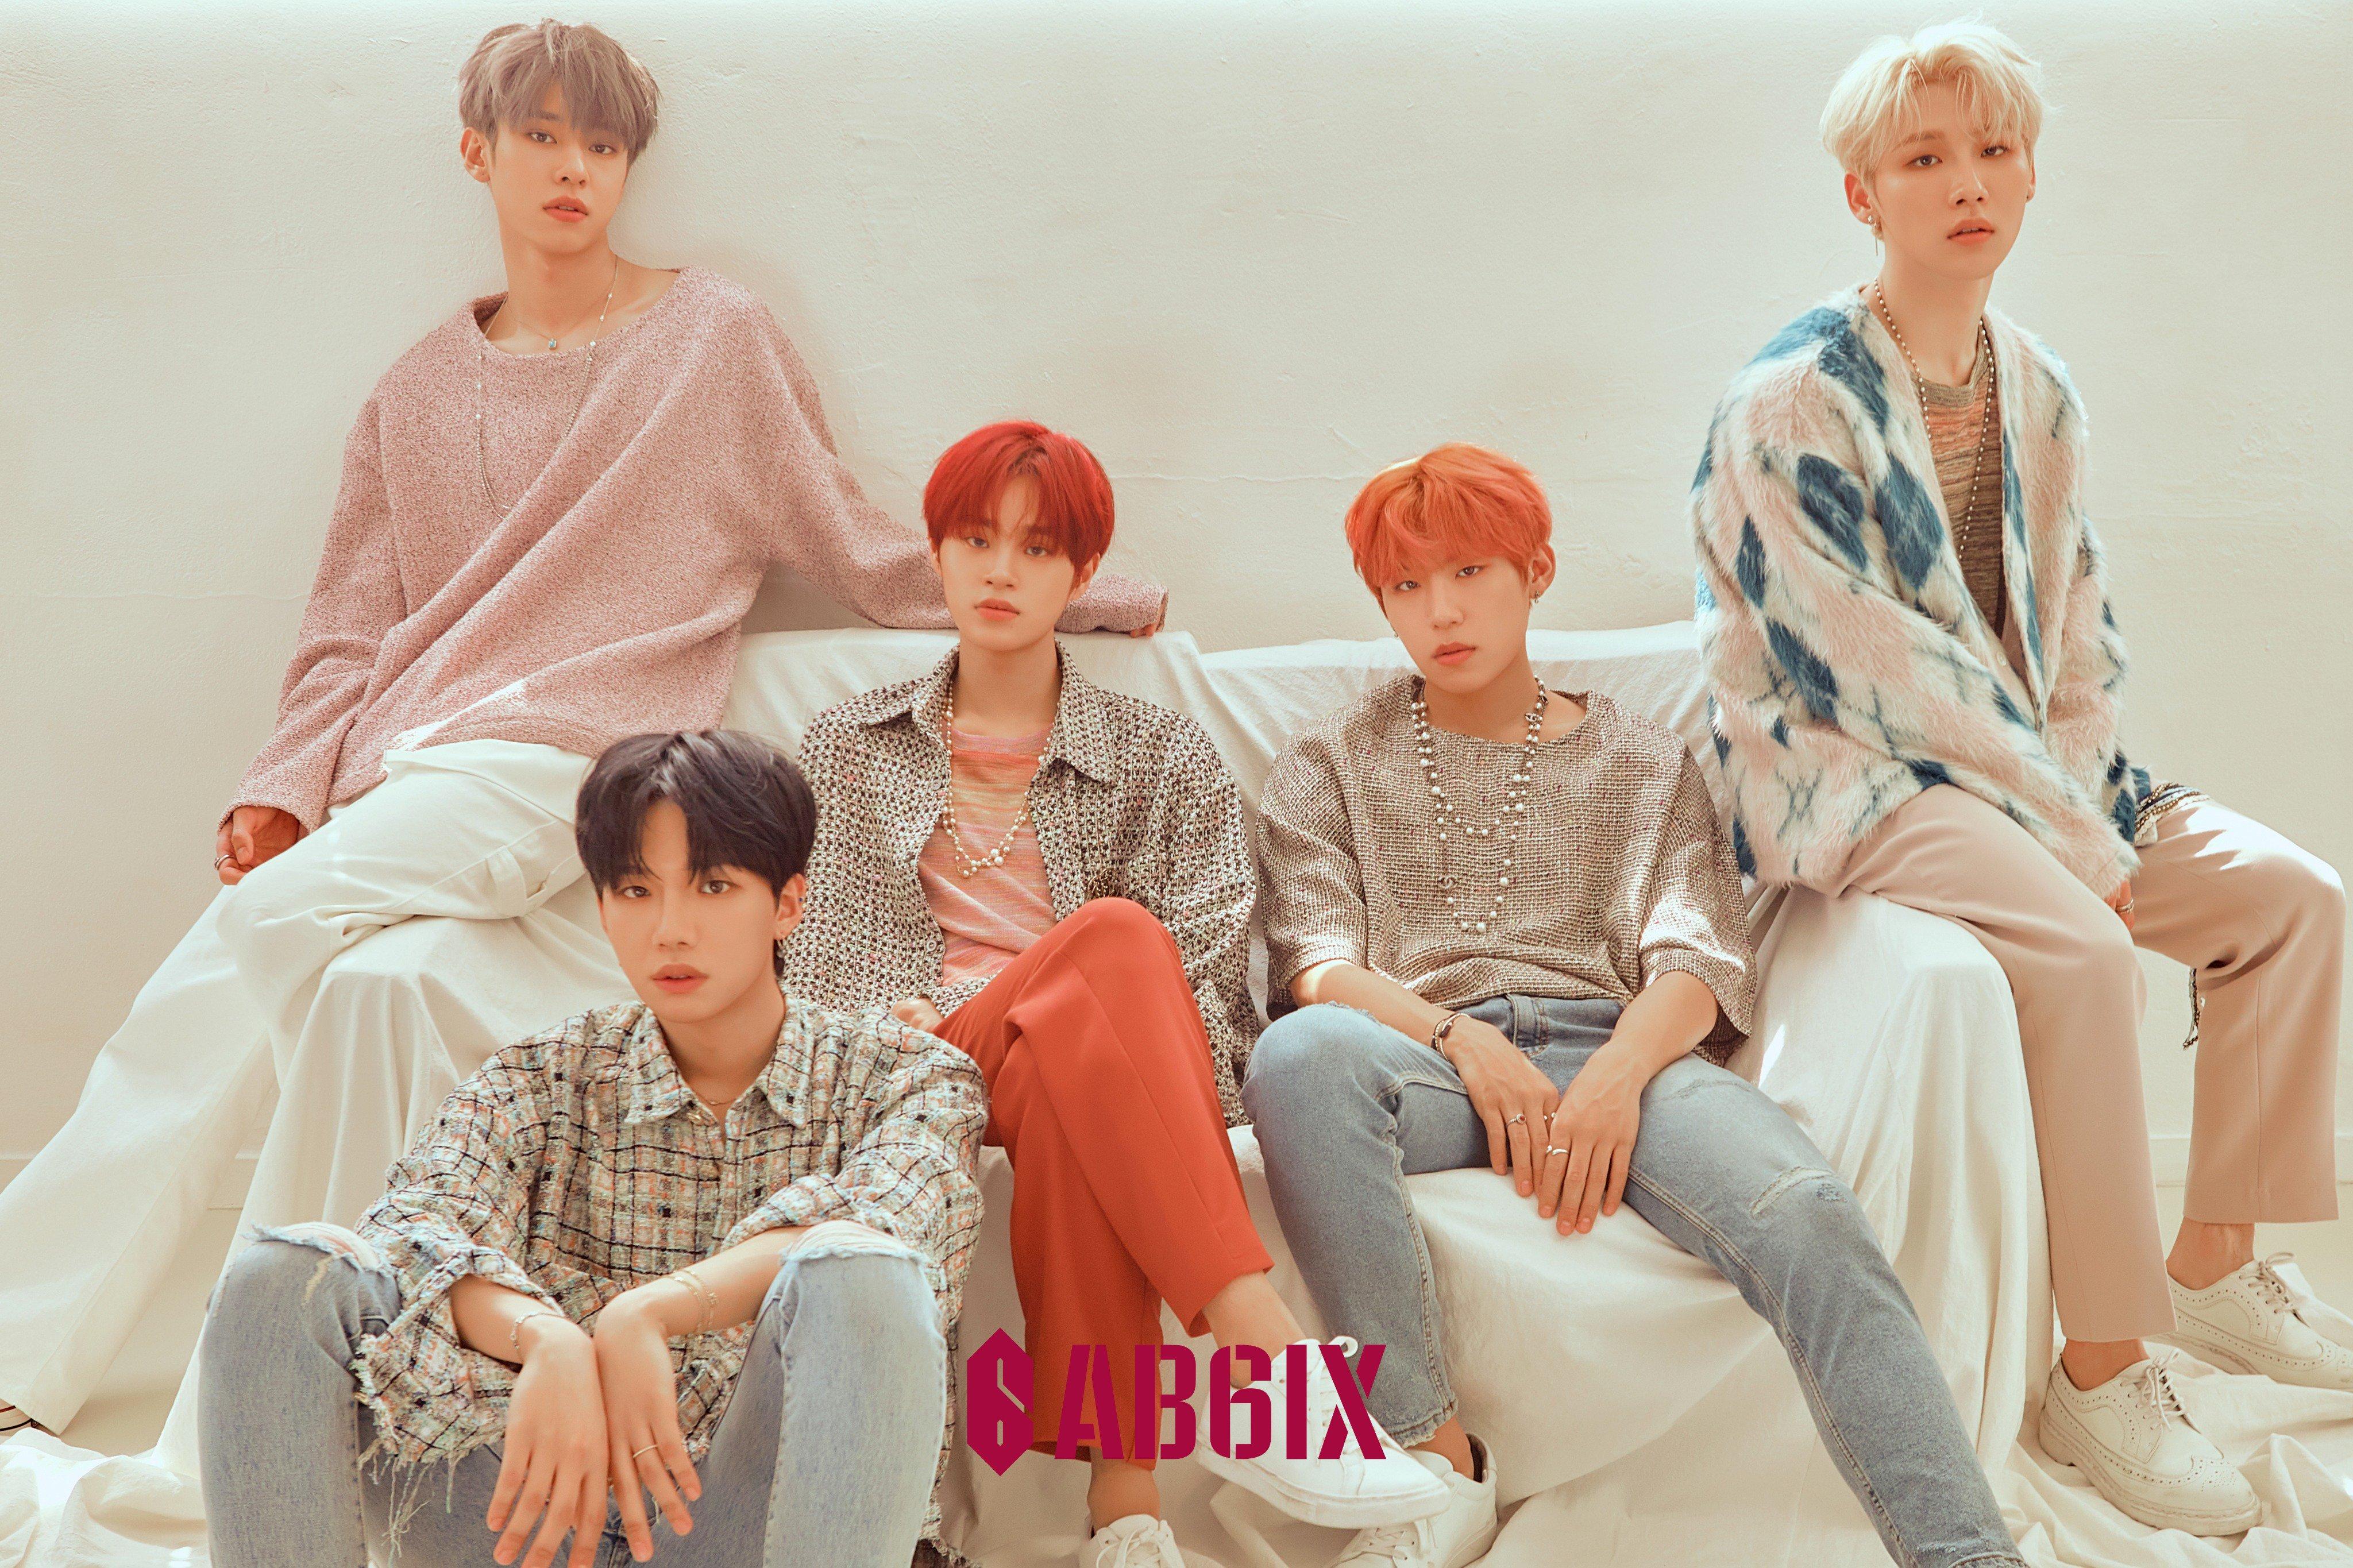 AB6IX debut năm 2019 với 5 thành viên: Lim Young Min, Donghyun, Lee Daehwi, Park Woo Jin, Jeon Woong.4 trong 5 thành viên đã từng có tên tuổi sau cuộc thi Produce 101 năm 2017, trong đó Daehwi và Woo Jin đã có thời gian hoạt động cùng Wanna One.